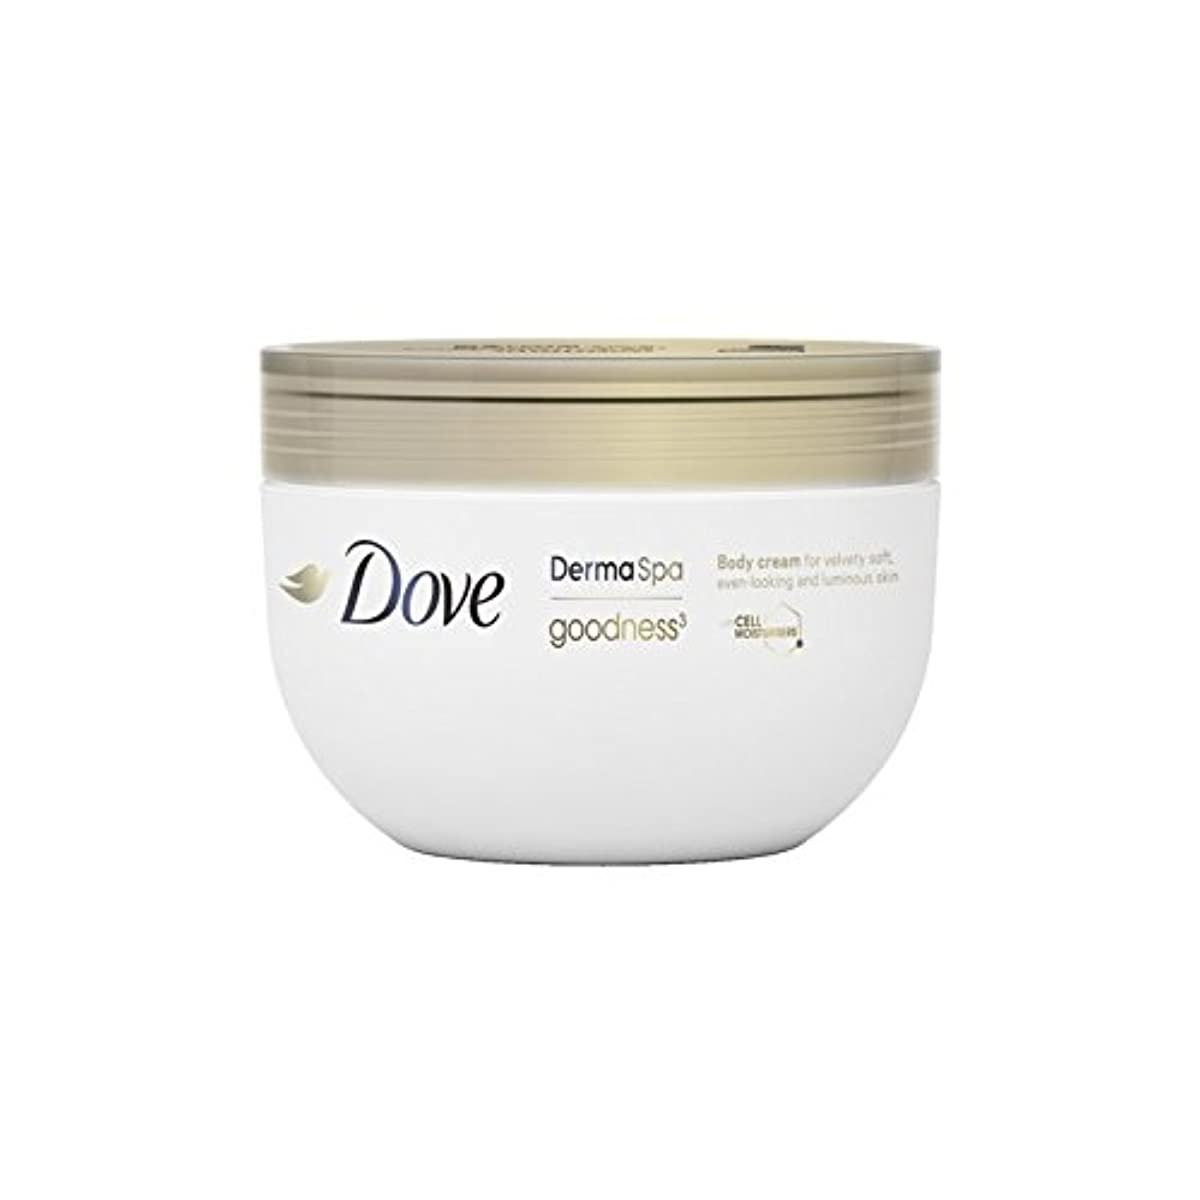 すべて落ち着く姪鳩の3ボディクリーム(300ミリリットル) x4 - Dove DermaSpa Goodness3 Body Cream (300ml) (Pack of 4) [並行輸入品]